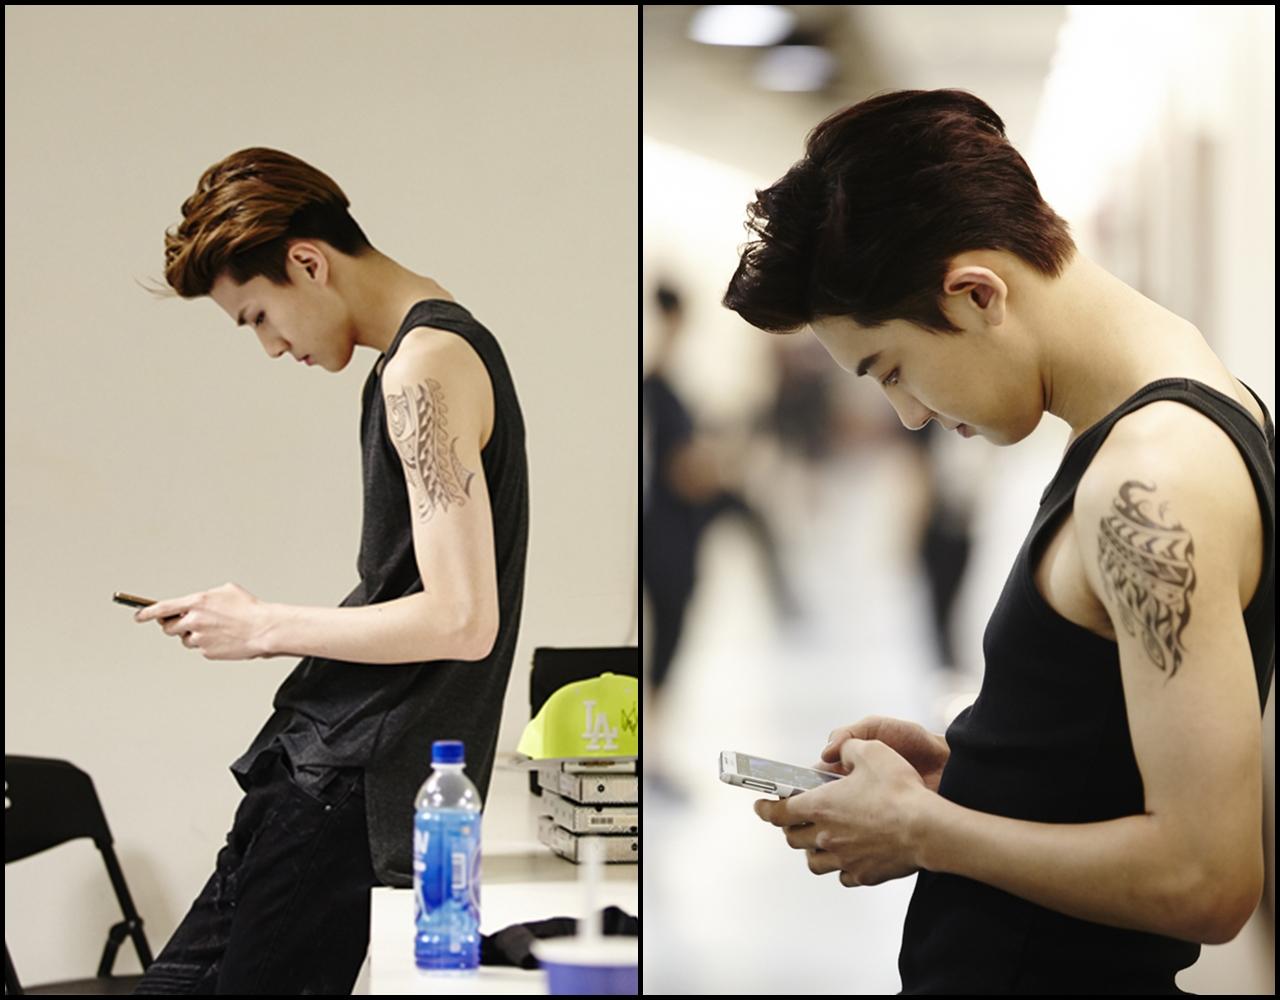 偷偷加入一個小小測驗,大家知道左邊和右邊分別是 EXO 的哪個成員嗎?